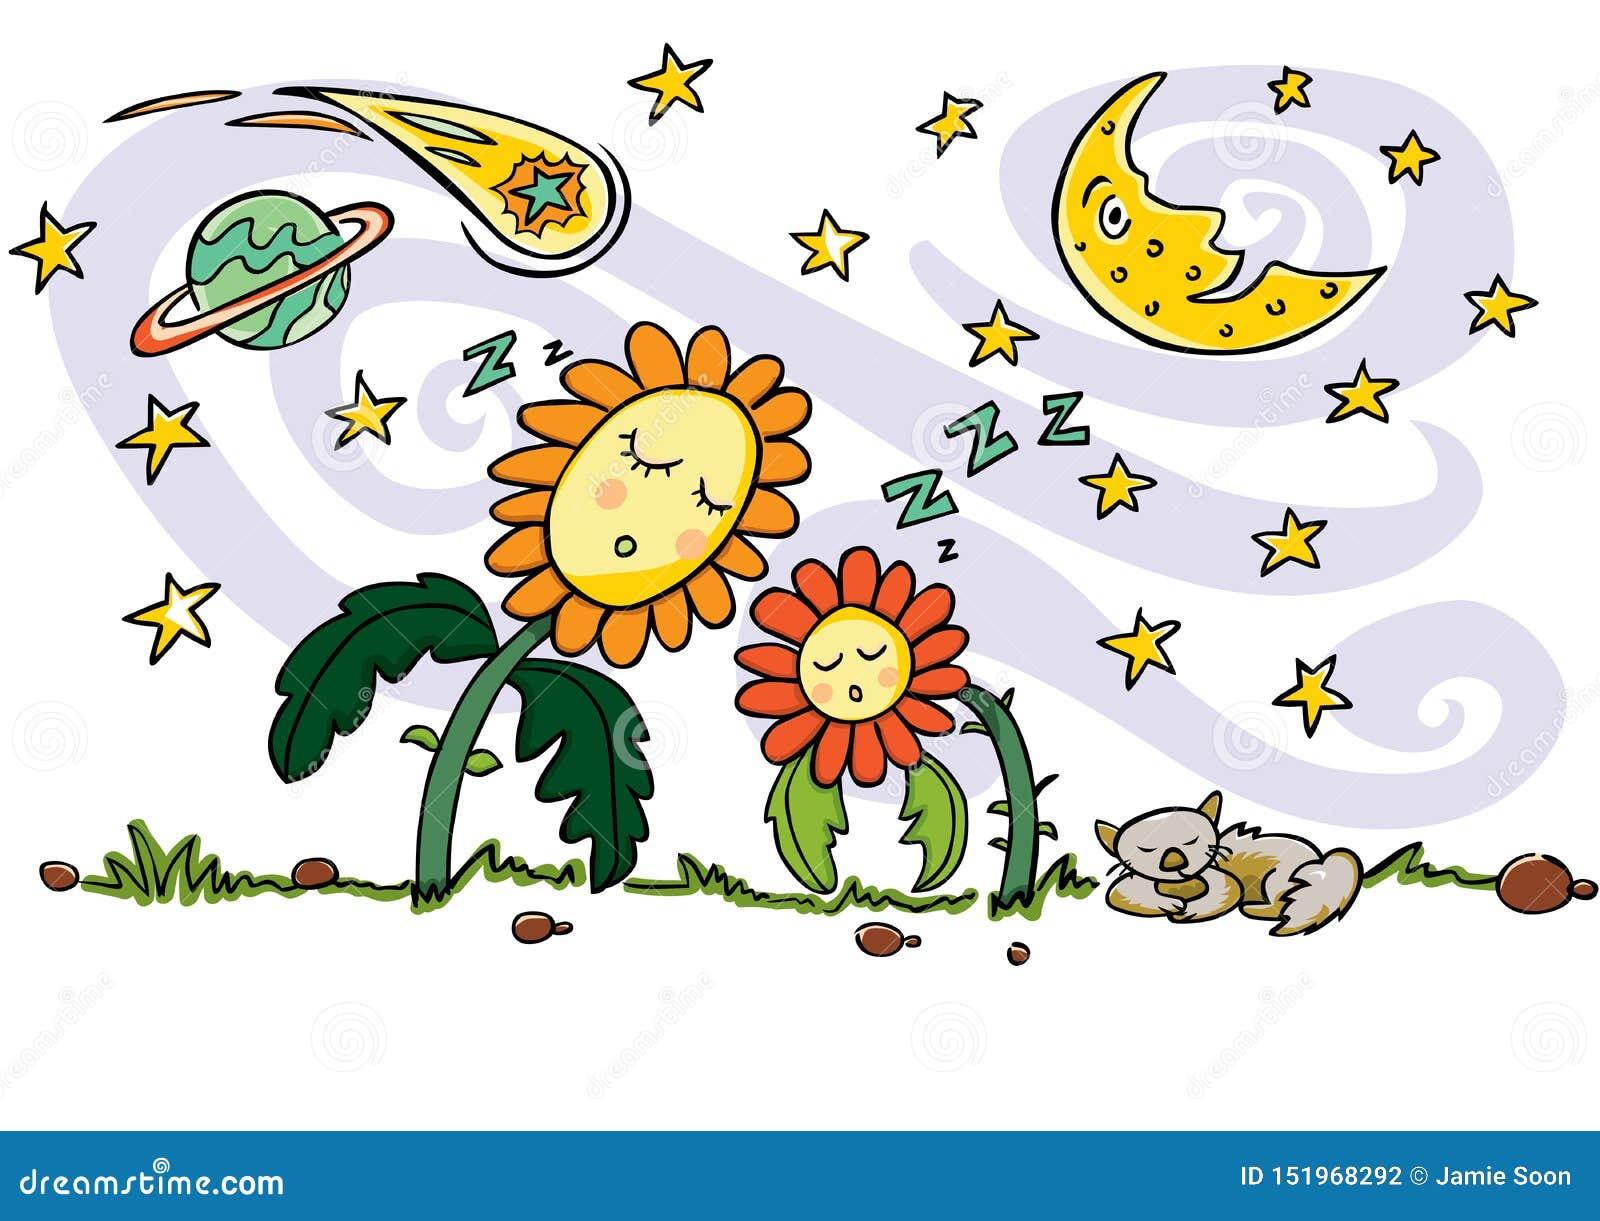 Desenho colorido do vetor Flores bonitos do sol do sono, gato, elementos crescentes das estrelas da lua, do planeta, do cometa e